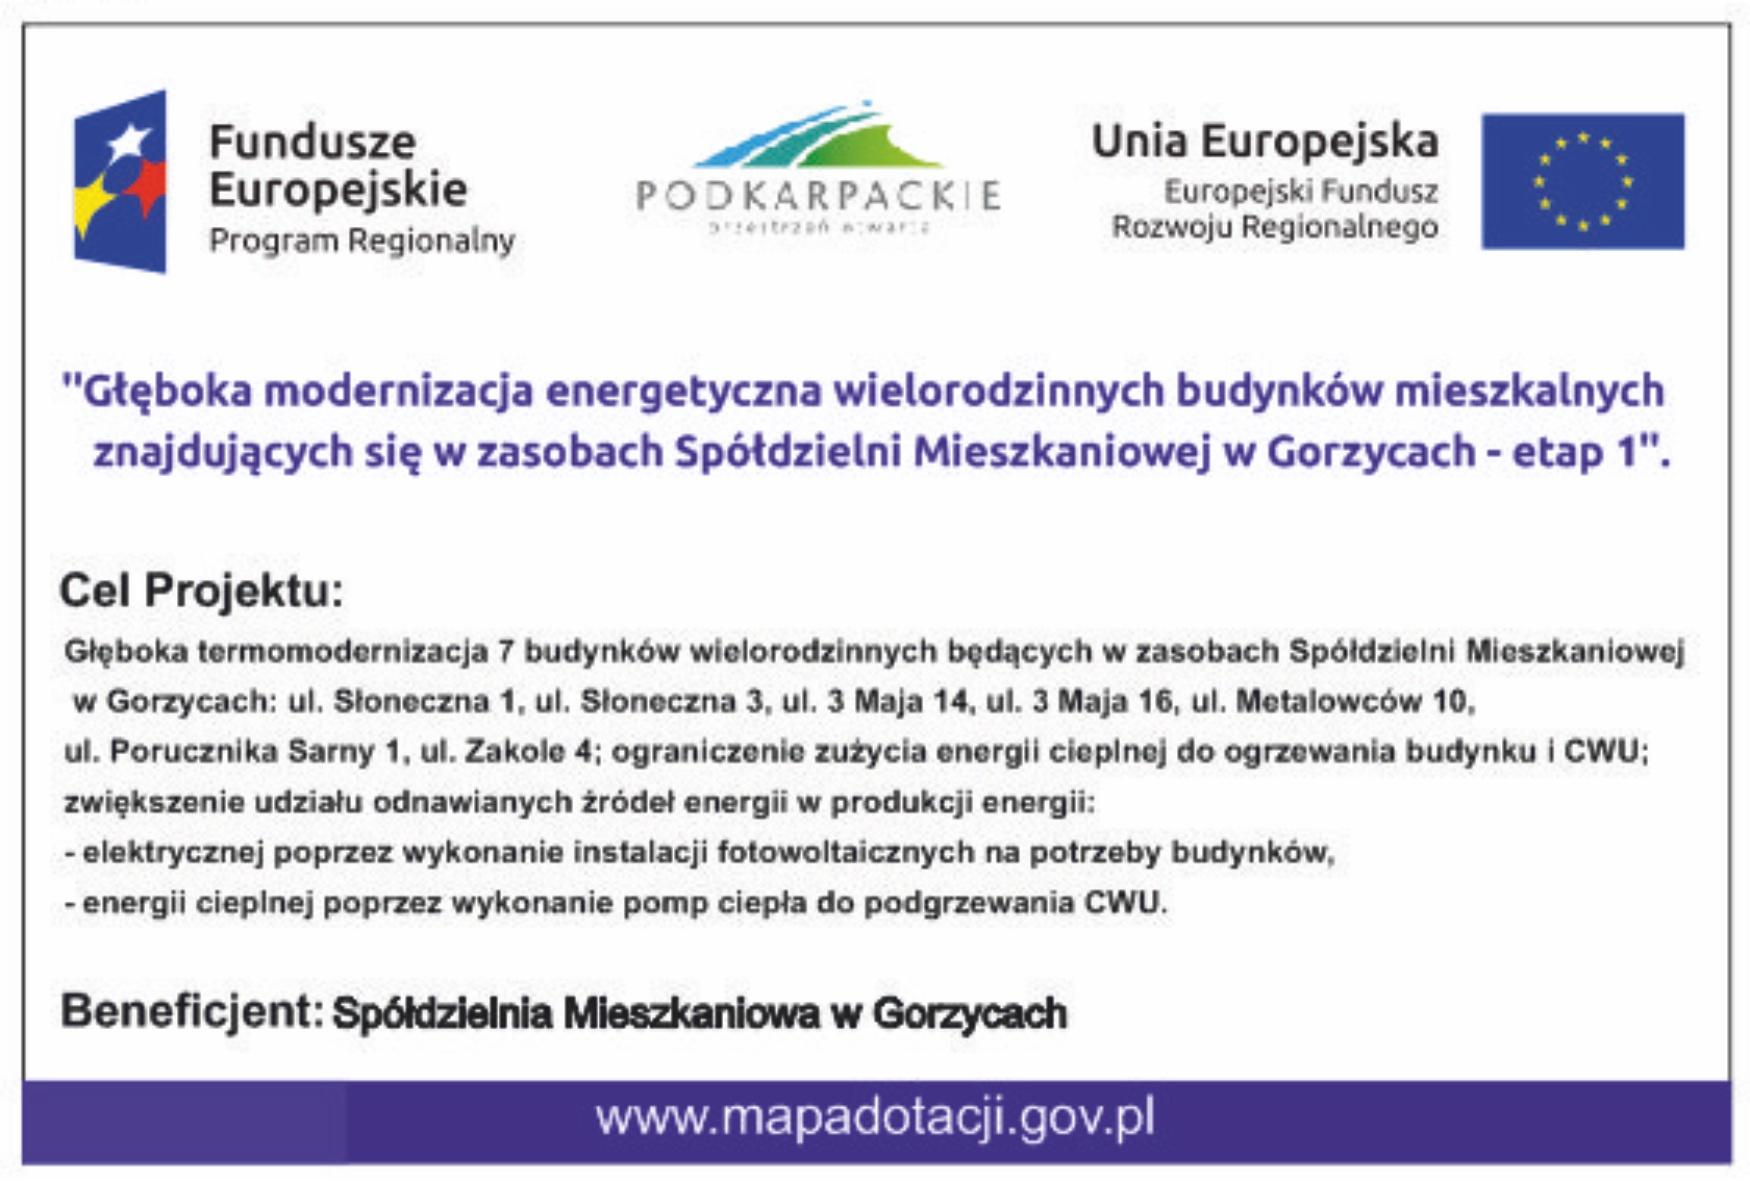 Głęboka modernizacja energetyczna wielorodzinnych budynków mieszkalnych znajdujących się w zasobach Spółdzielni Mieszkaniowej w Gorzycach – etap 1